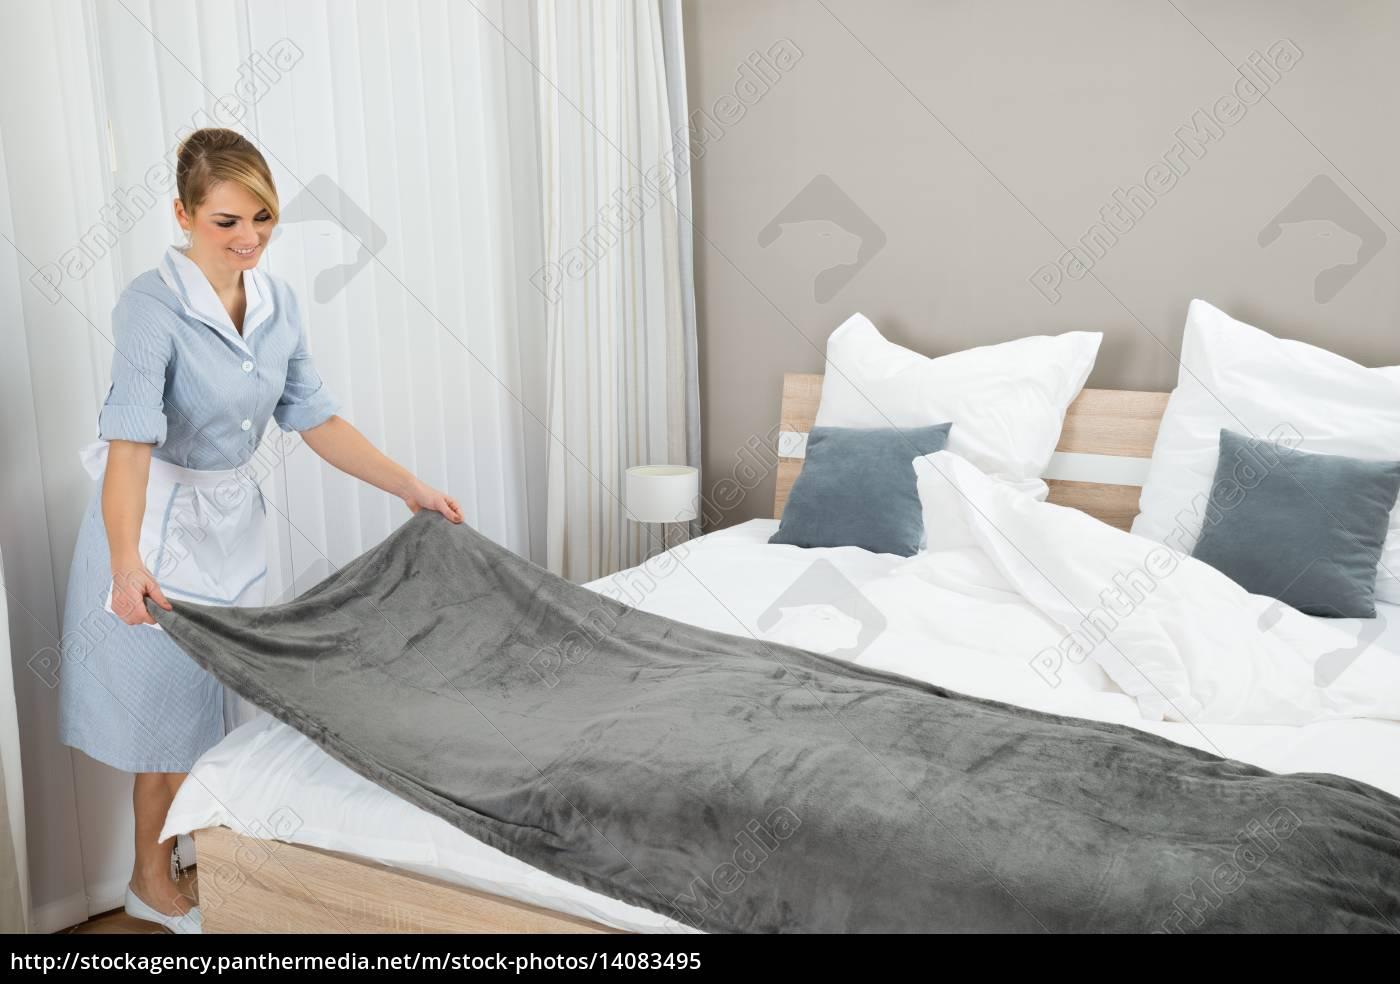 female, housekeeping, worker, making, bed - 14083495